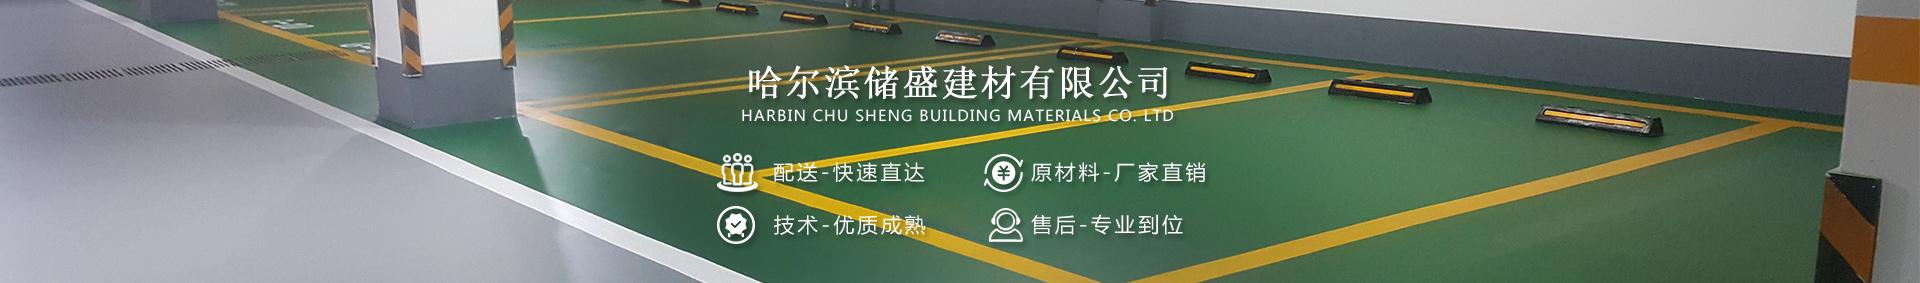 哈尔滨地坪漆厂家